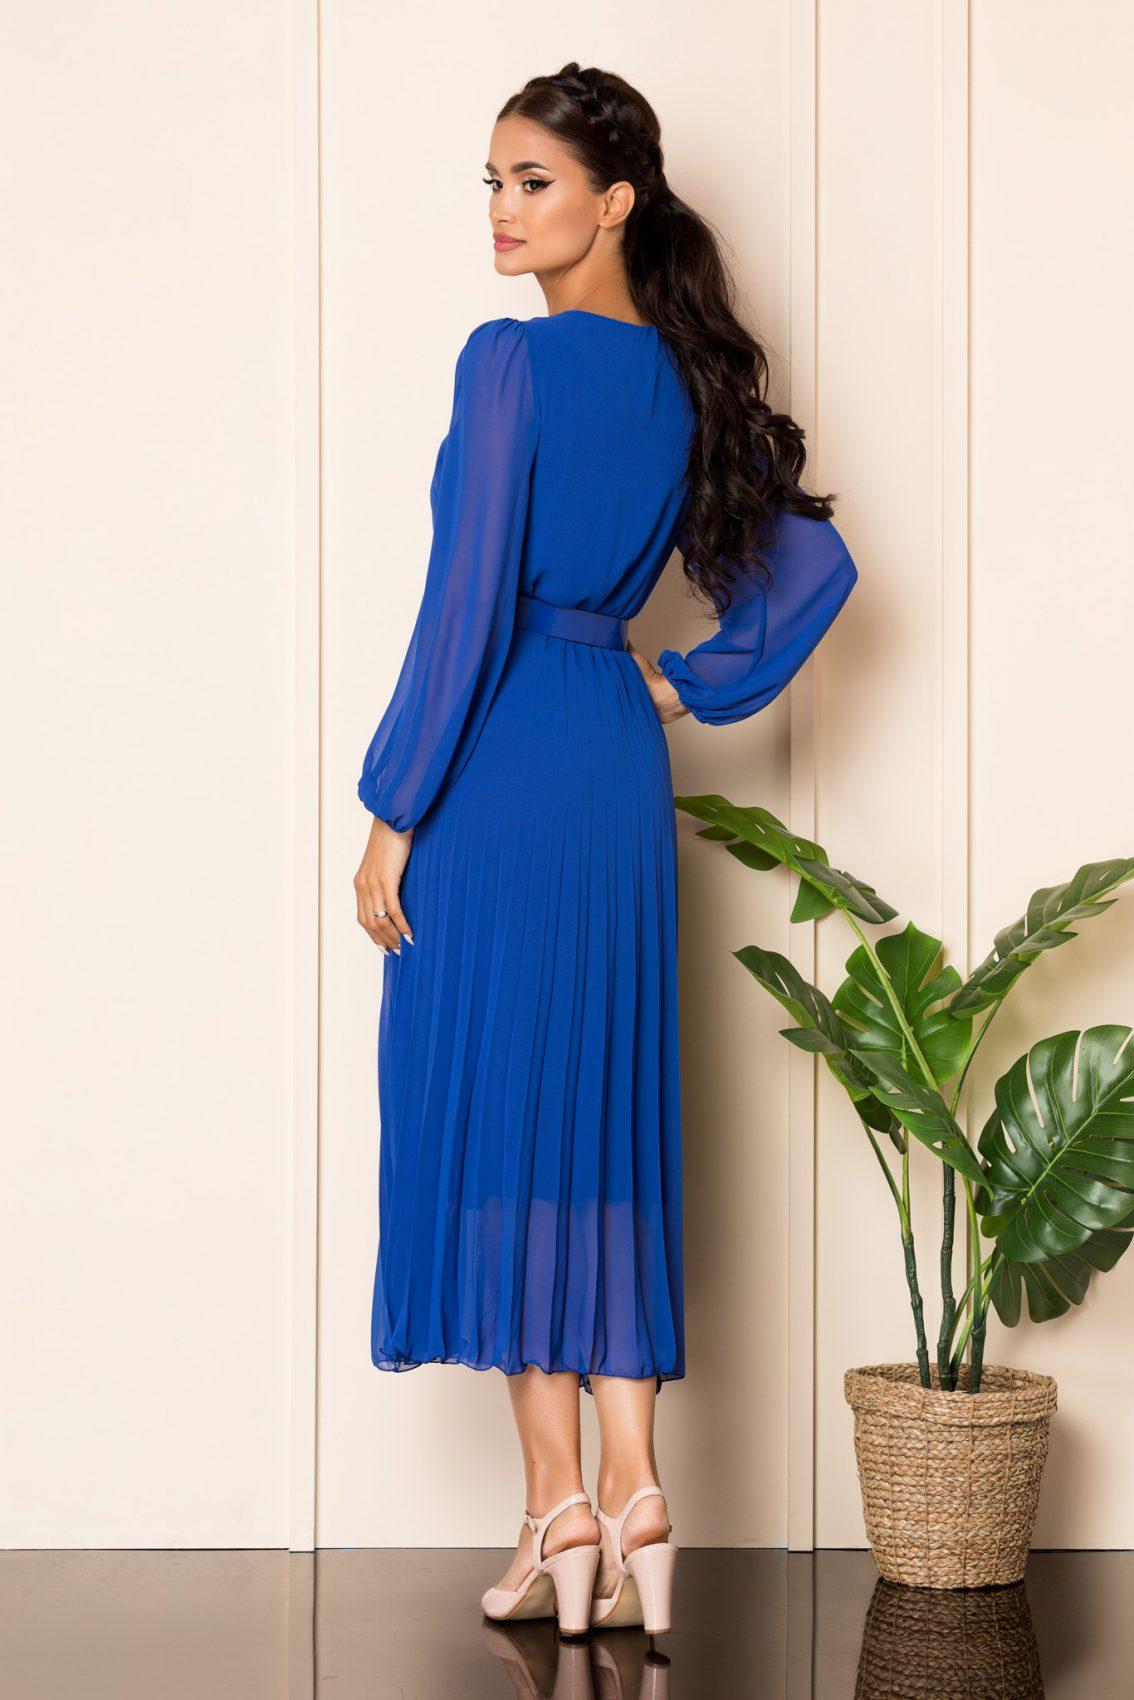 Μπλε Μίντι Πλισέ Φόρεμα Ingrid A892 2